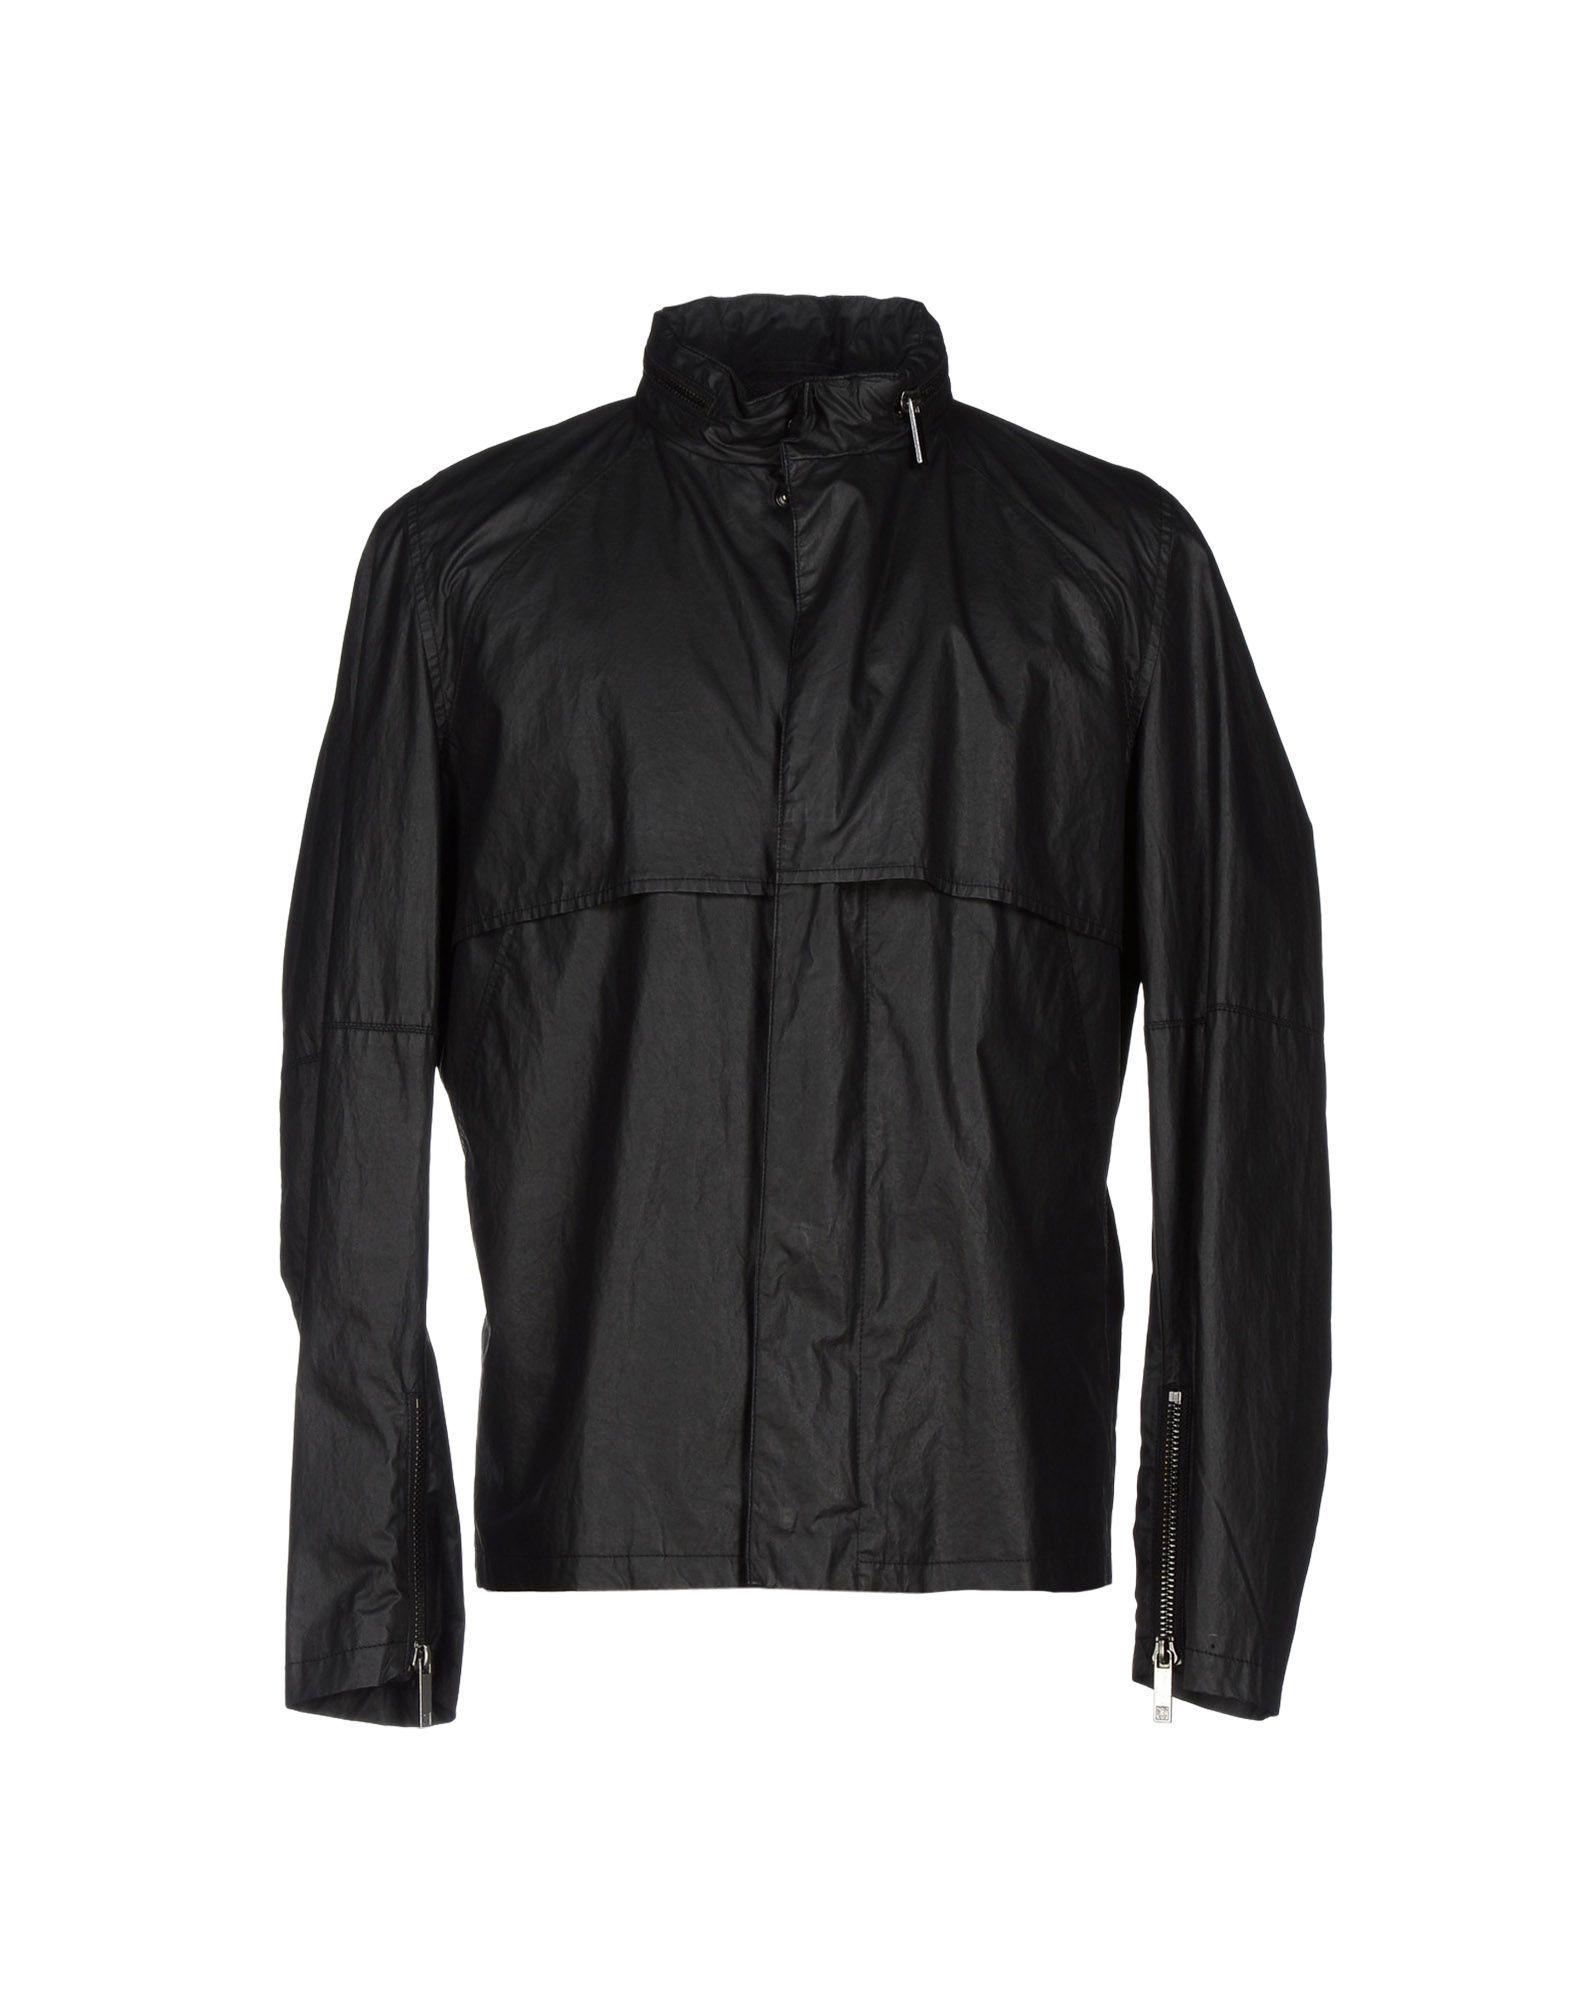 TIGER OF SWEDEN Herren Jacke Farbe Schwarz Größe 4